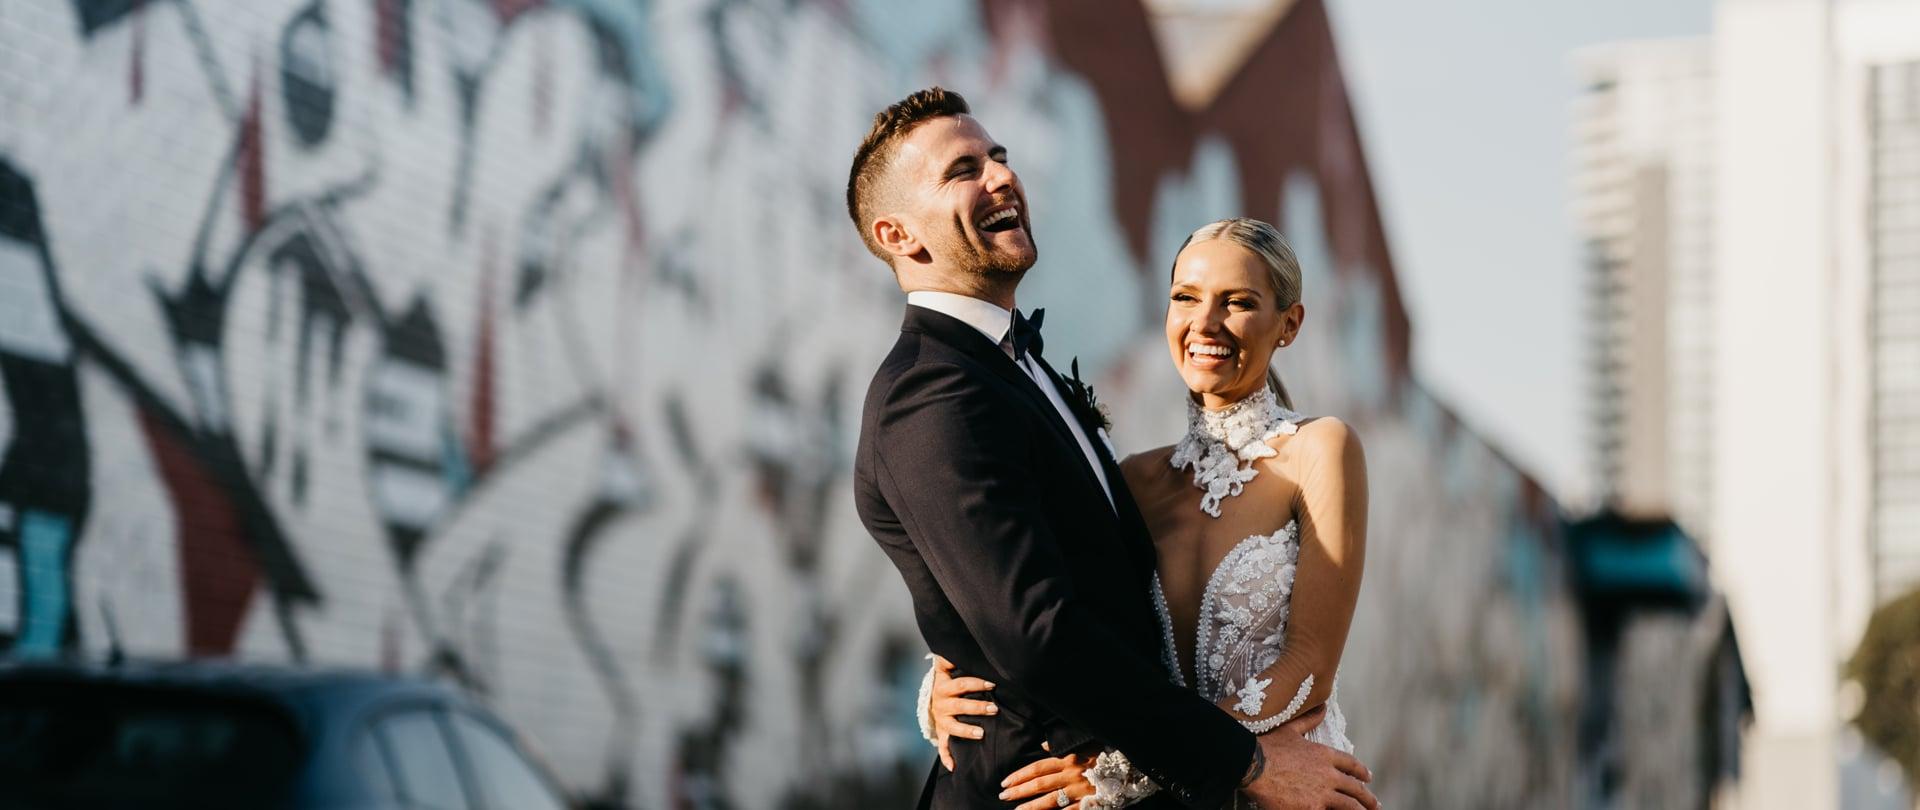 Kahlia & Jeremy Wedding Video Filmed at Melbourne, Victoria